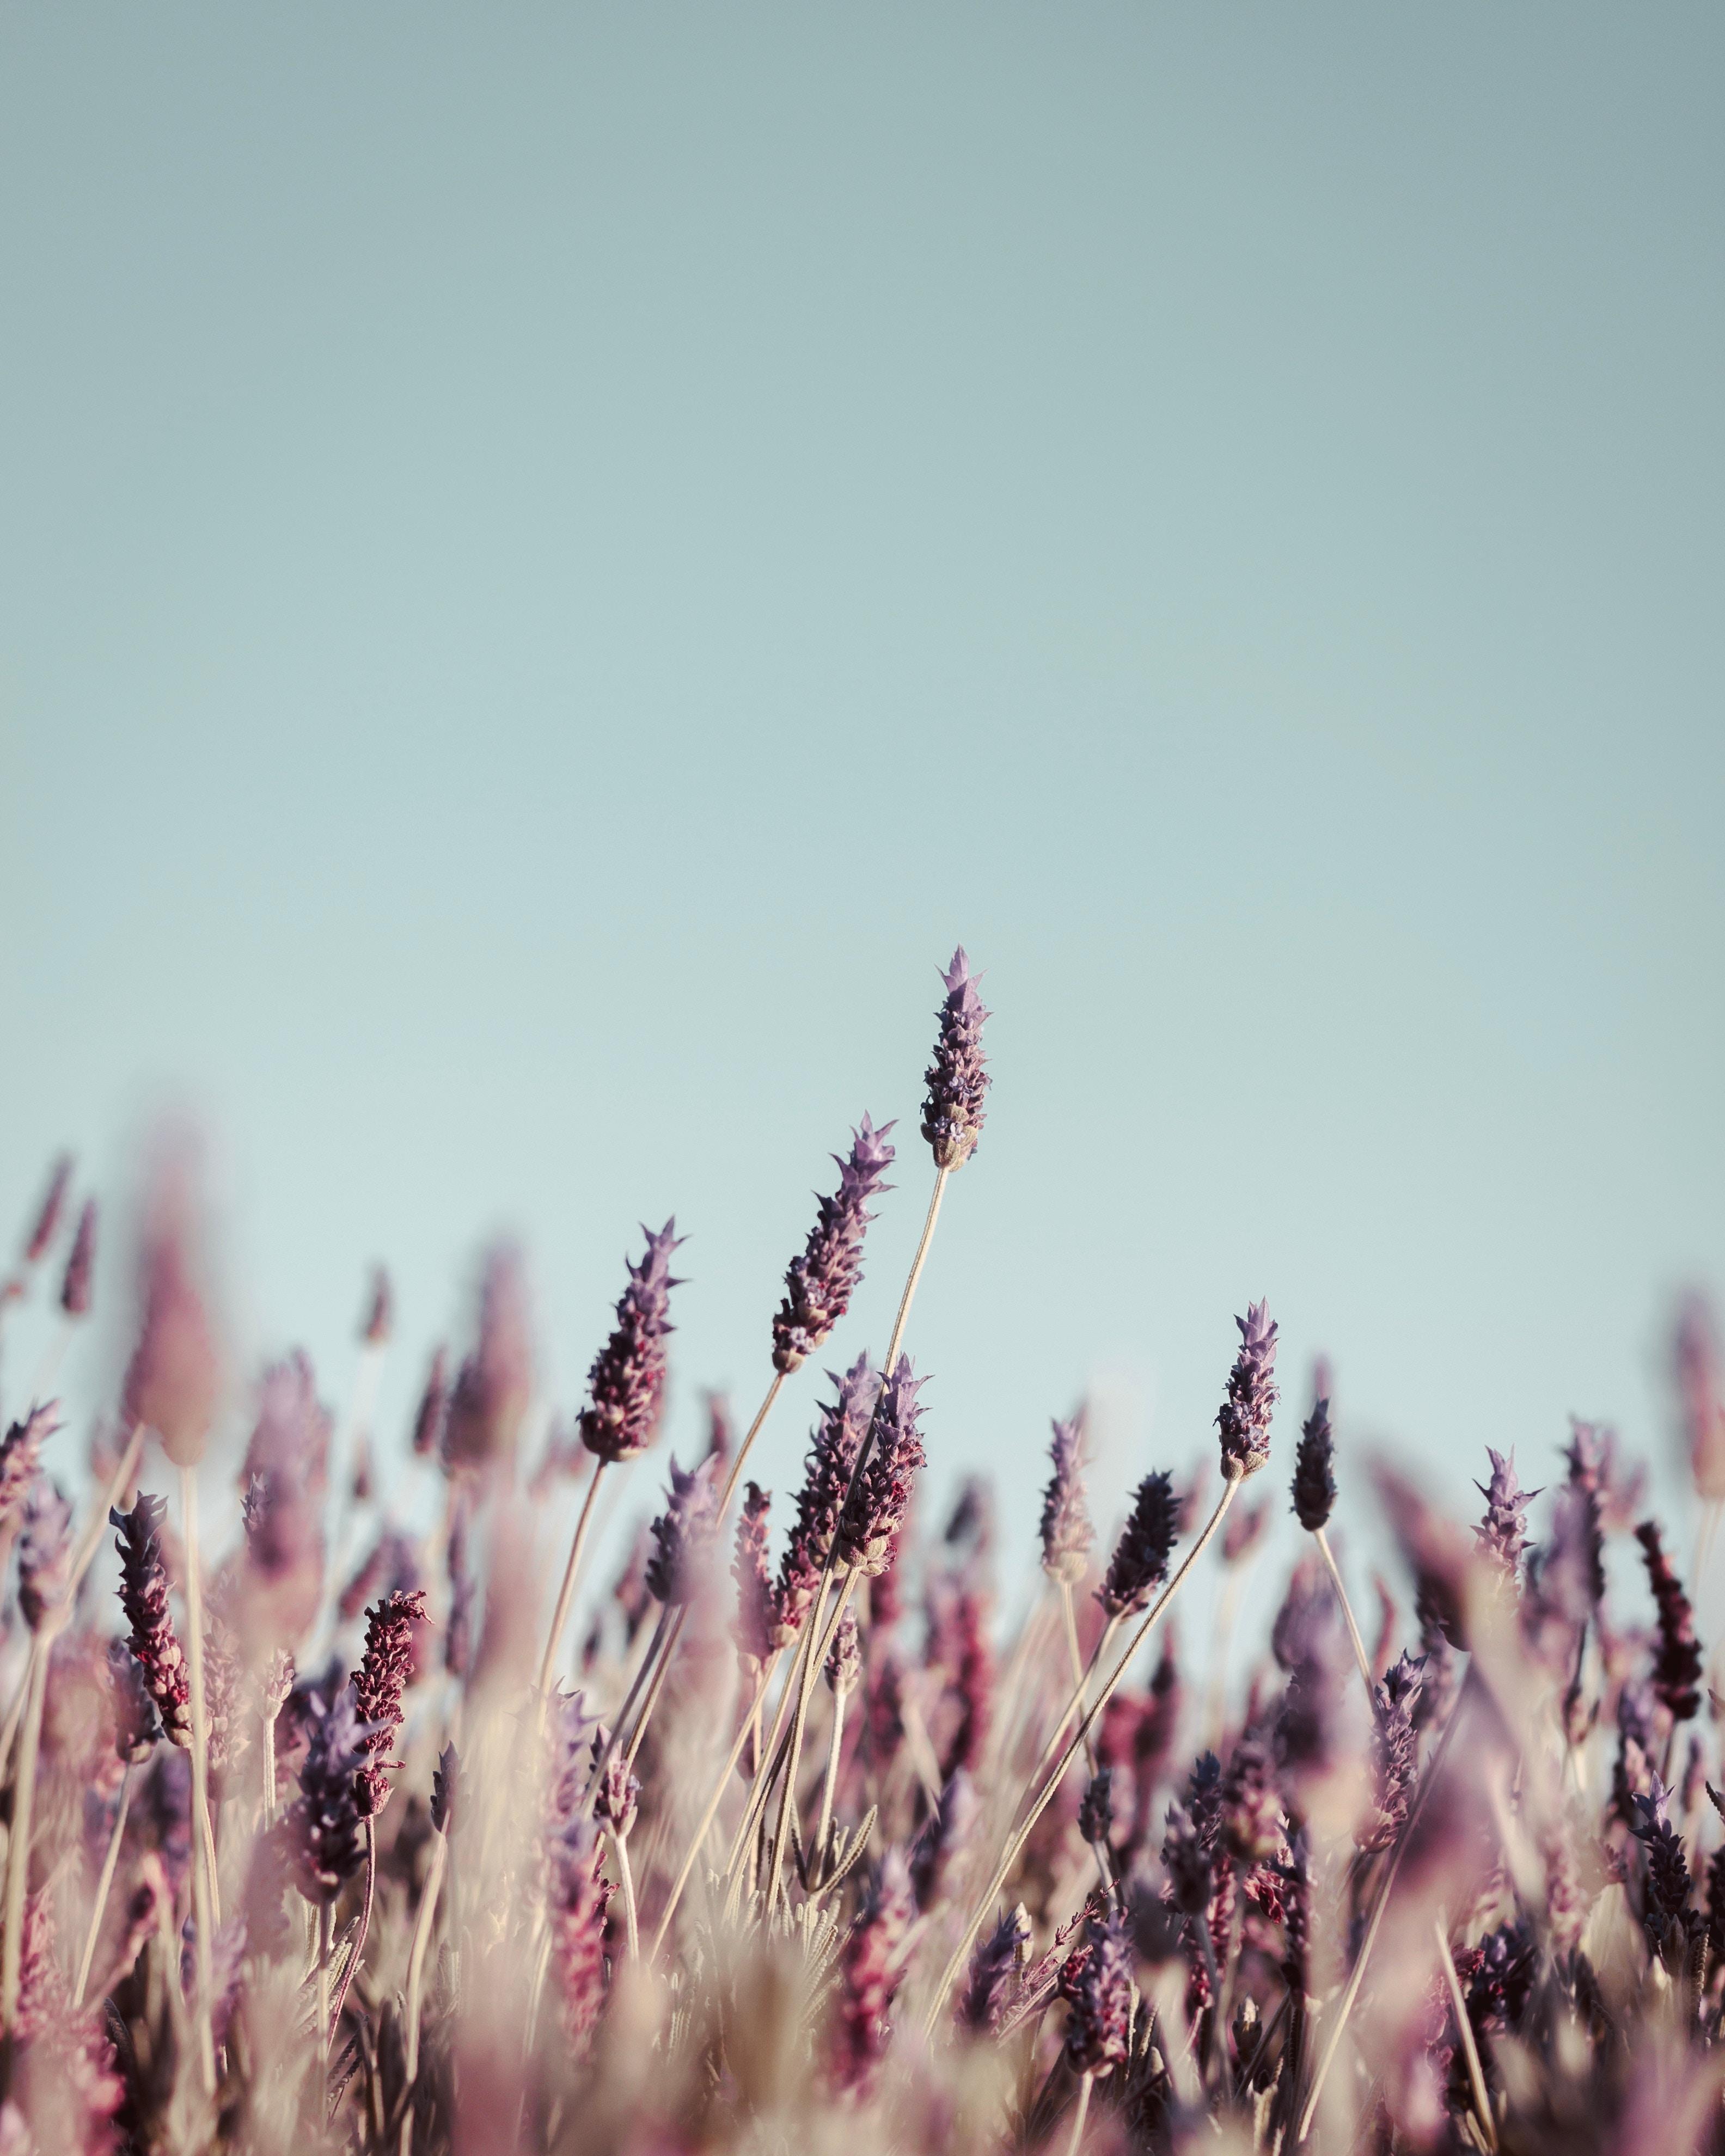 135854 Заставки и Обои Трава на телефон. Скачать Макро, Трава, Соцветия, Цветение, Стебли, Растение картинки бесплатно